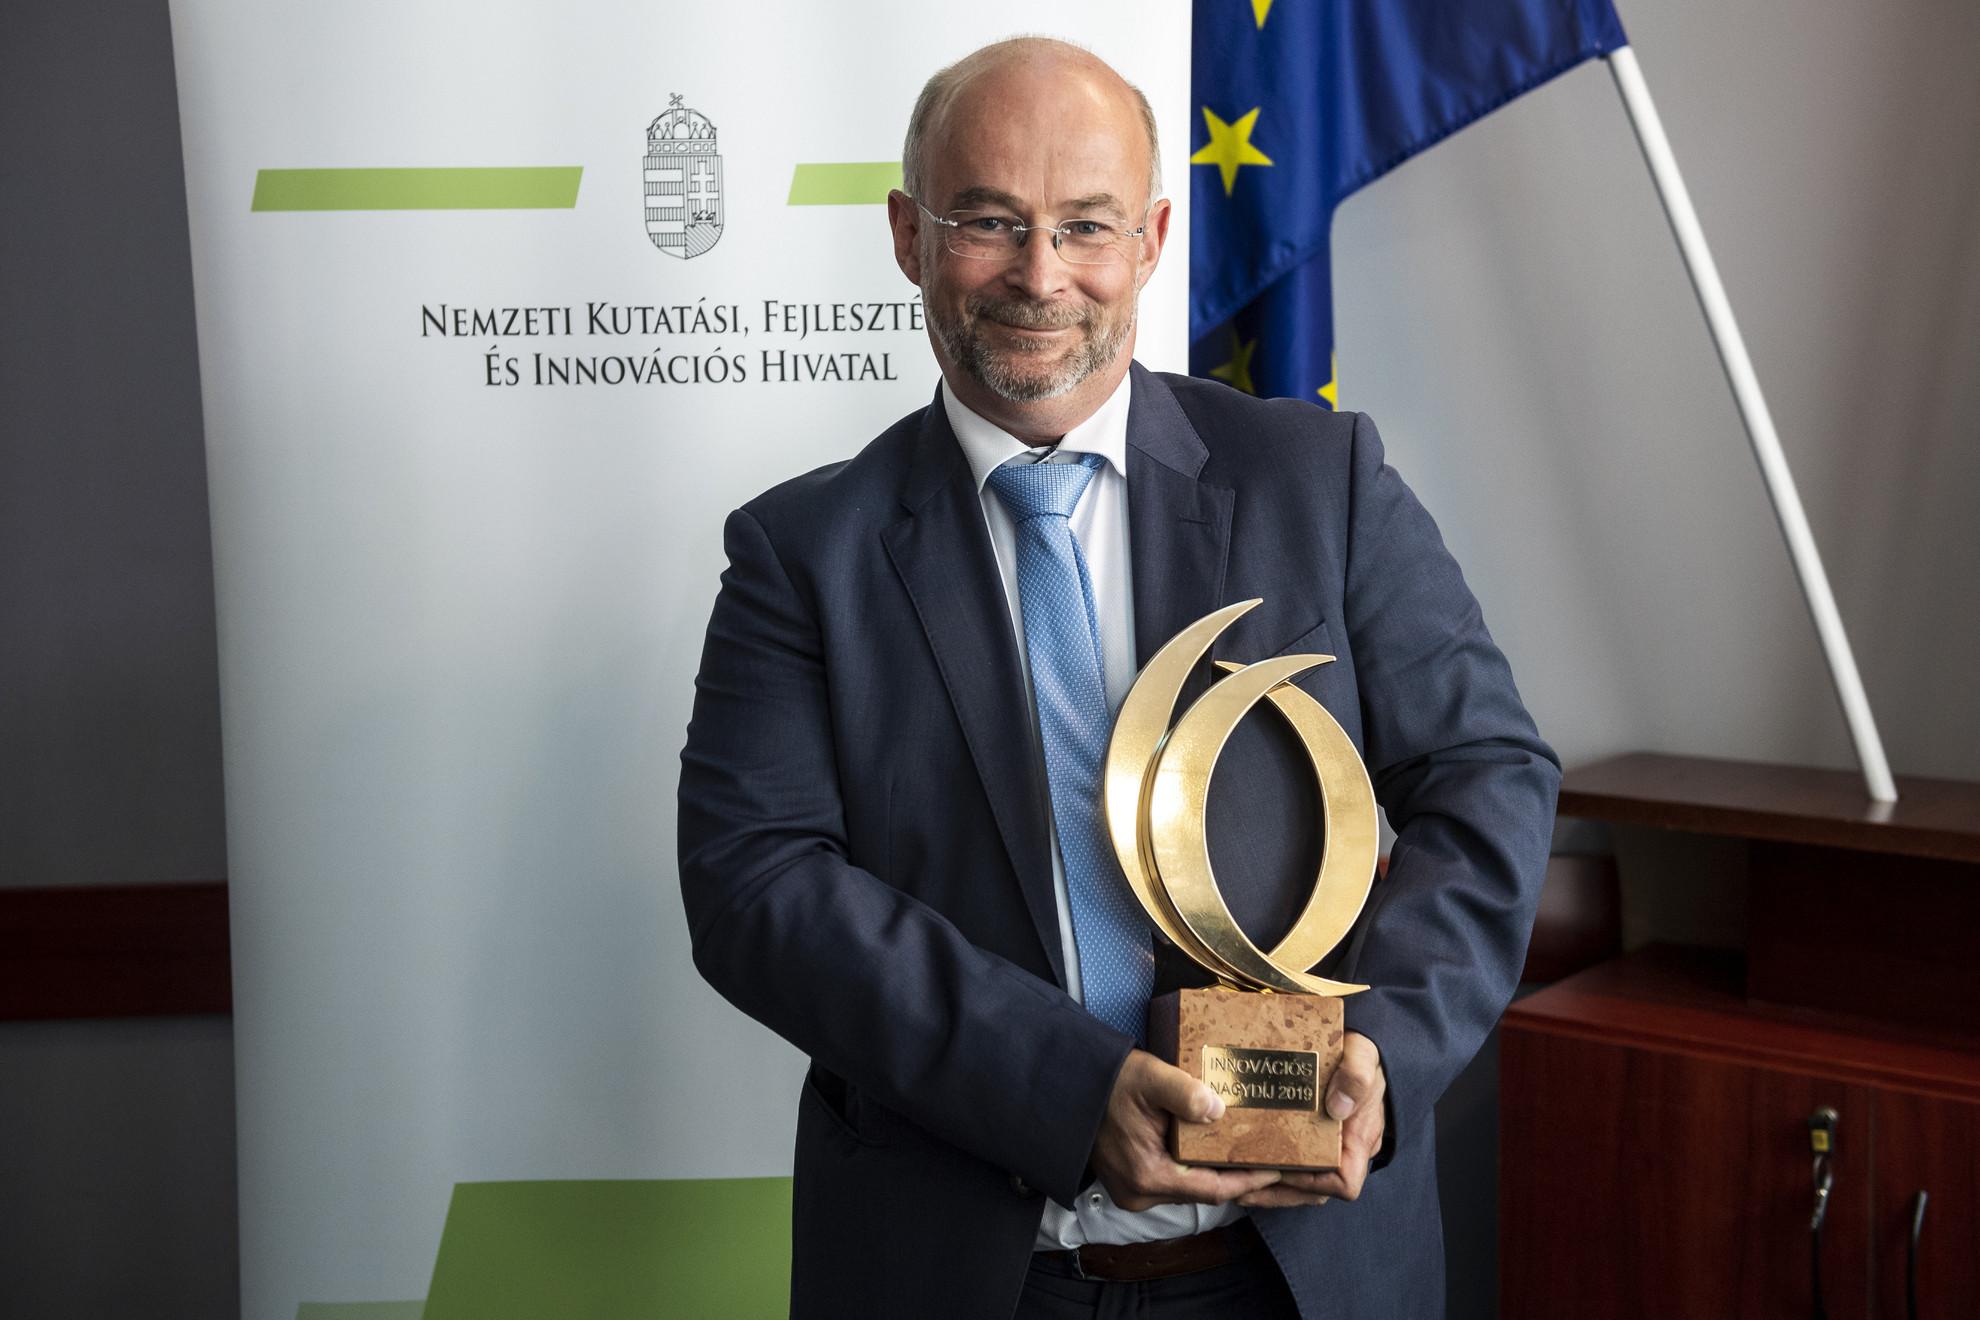 Molnár Béla, a 2019-es Magyar Innovációs Nagydíjjal kitüntetett 3DHISTECH Kft. igazgatója